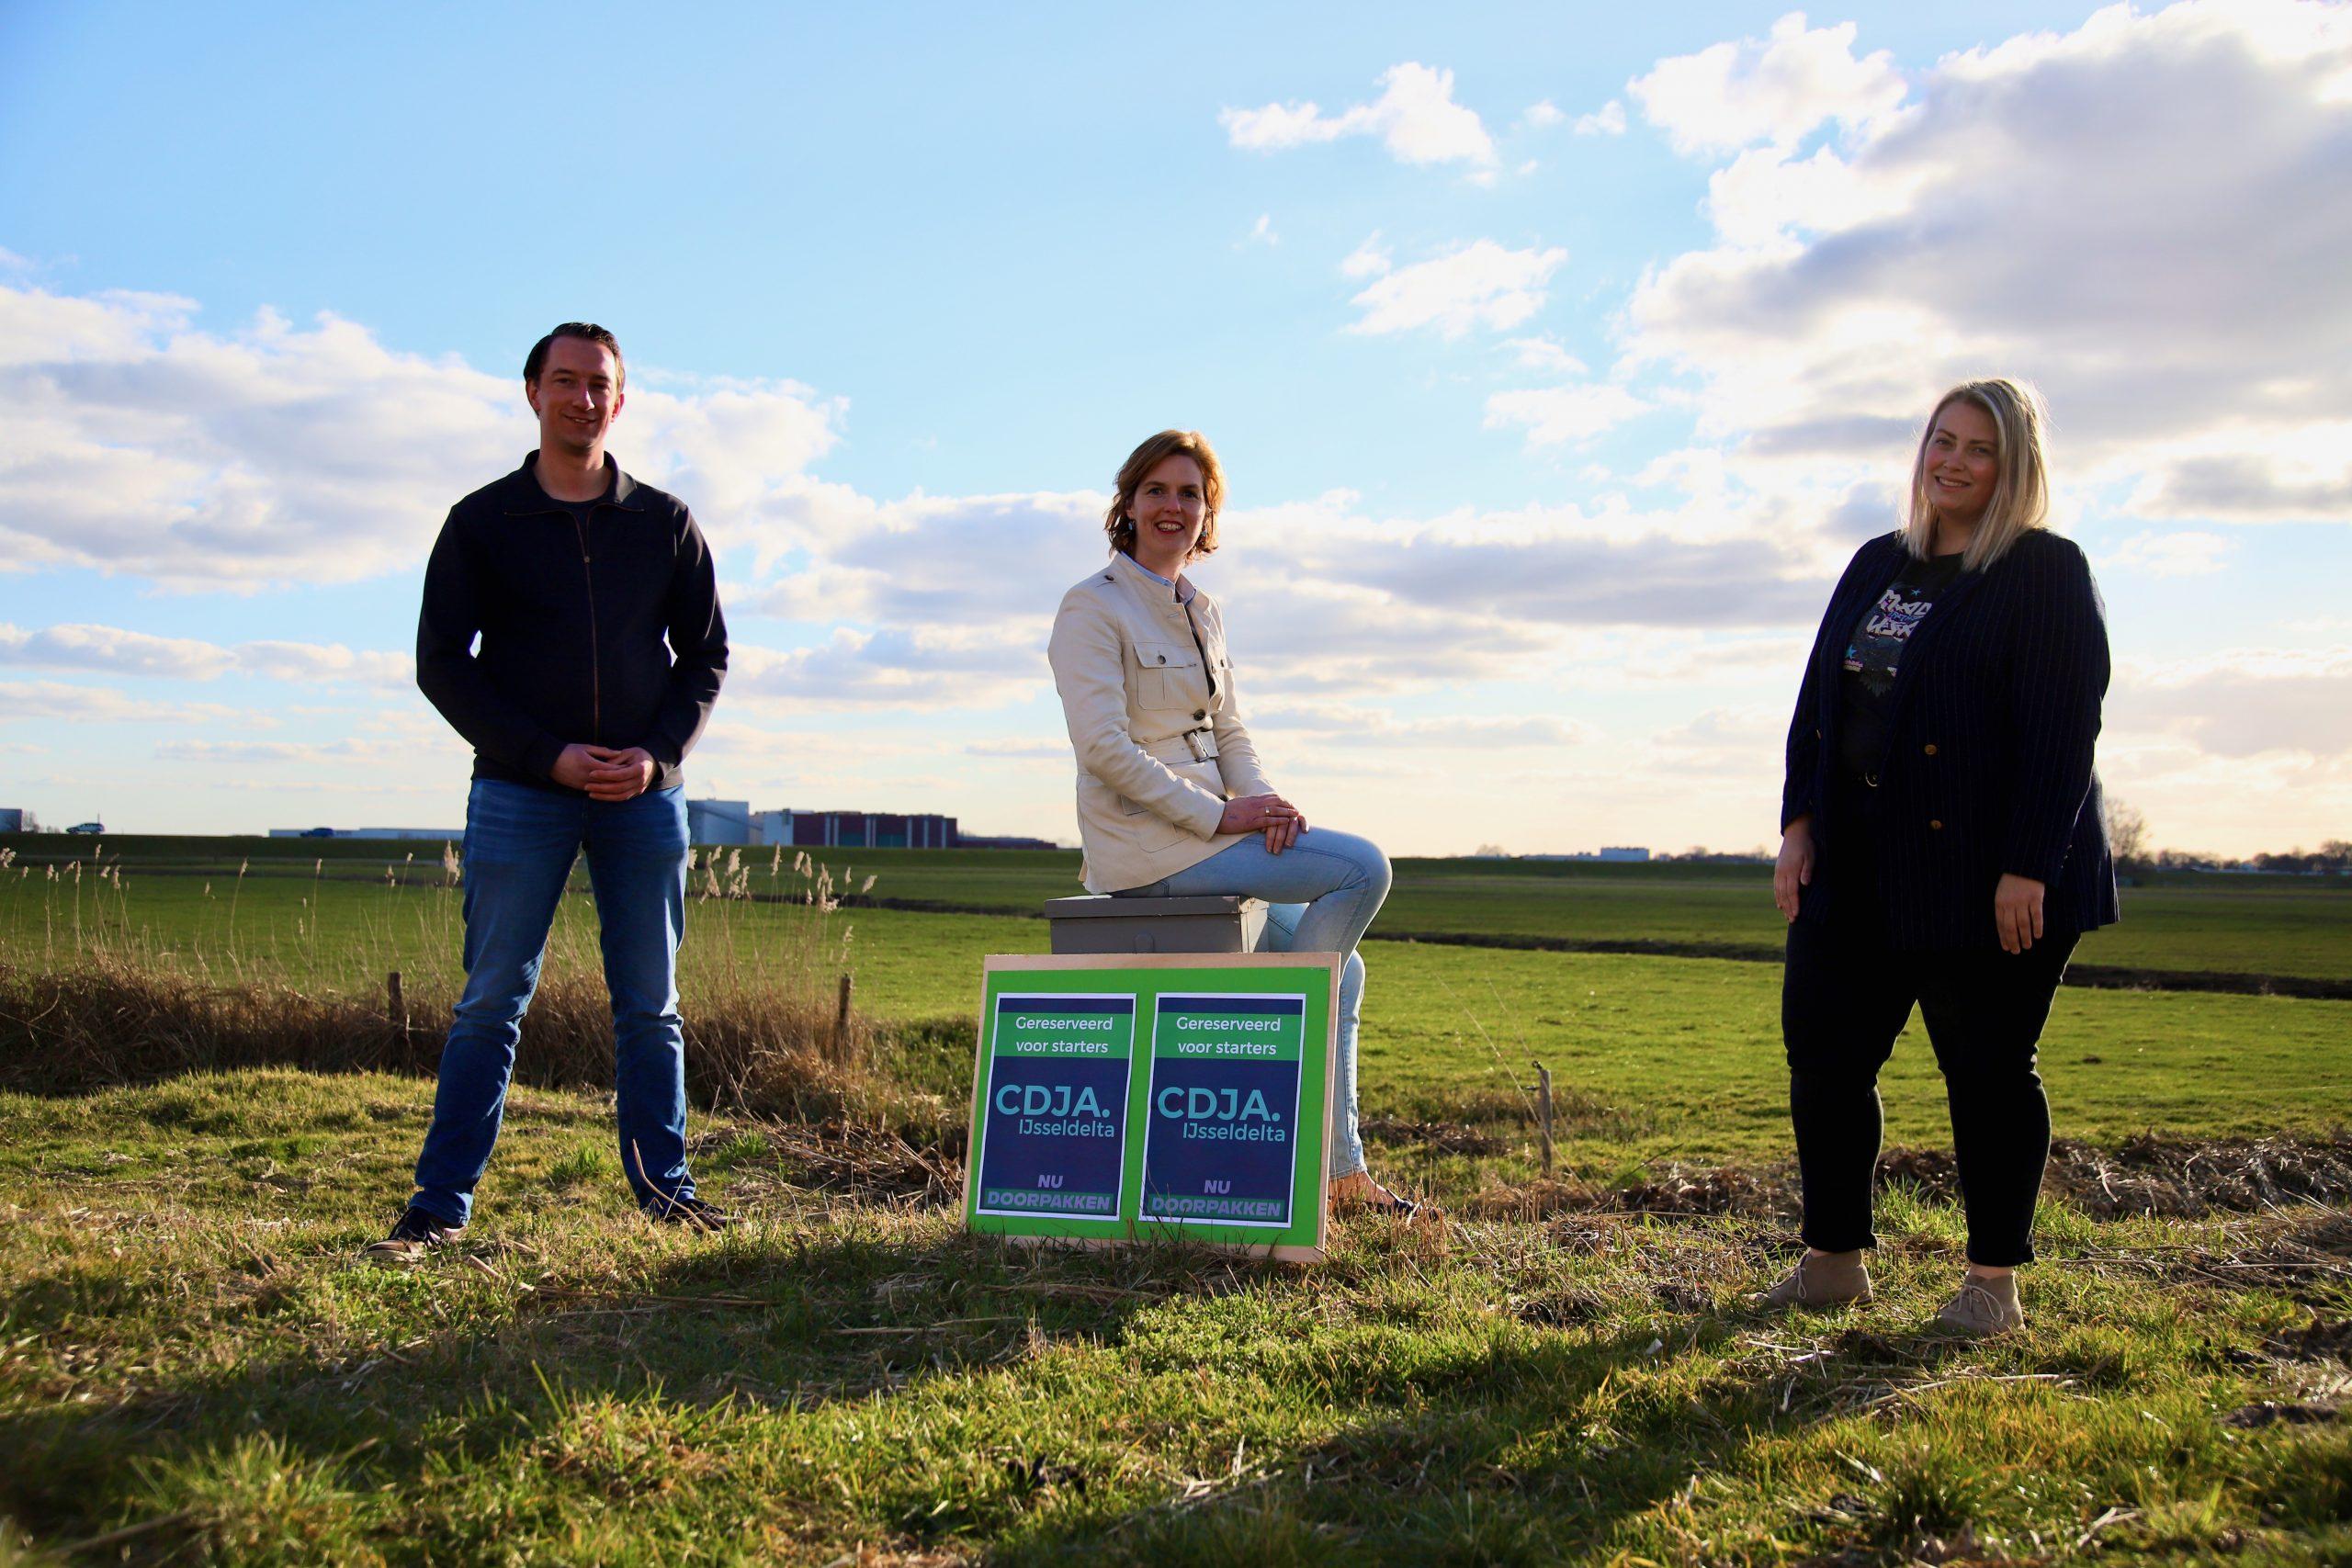 CDJA IJsseldelta wil eerlijke kans op betaalbare koopwoning voor starters